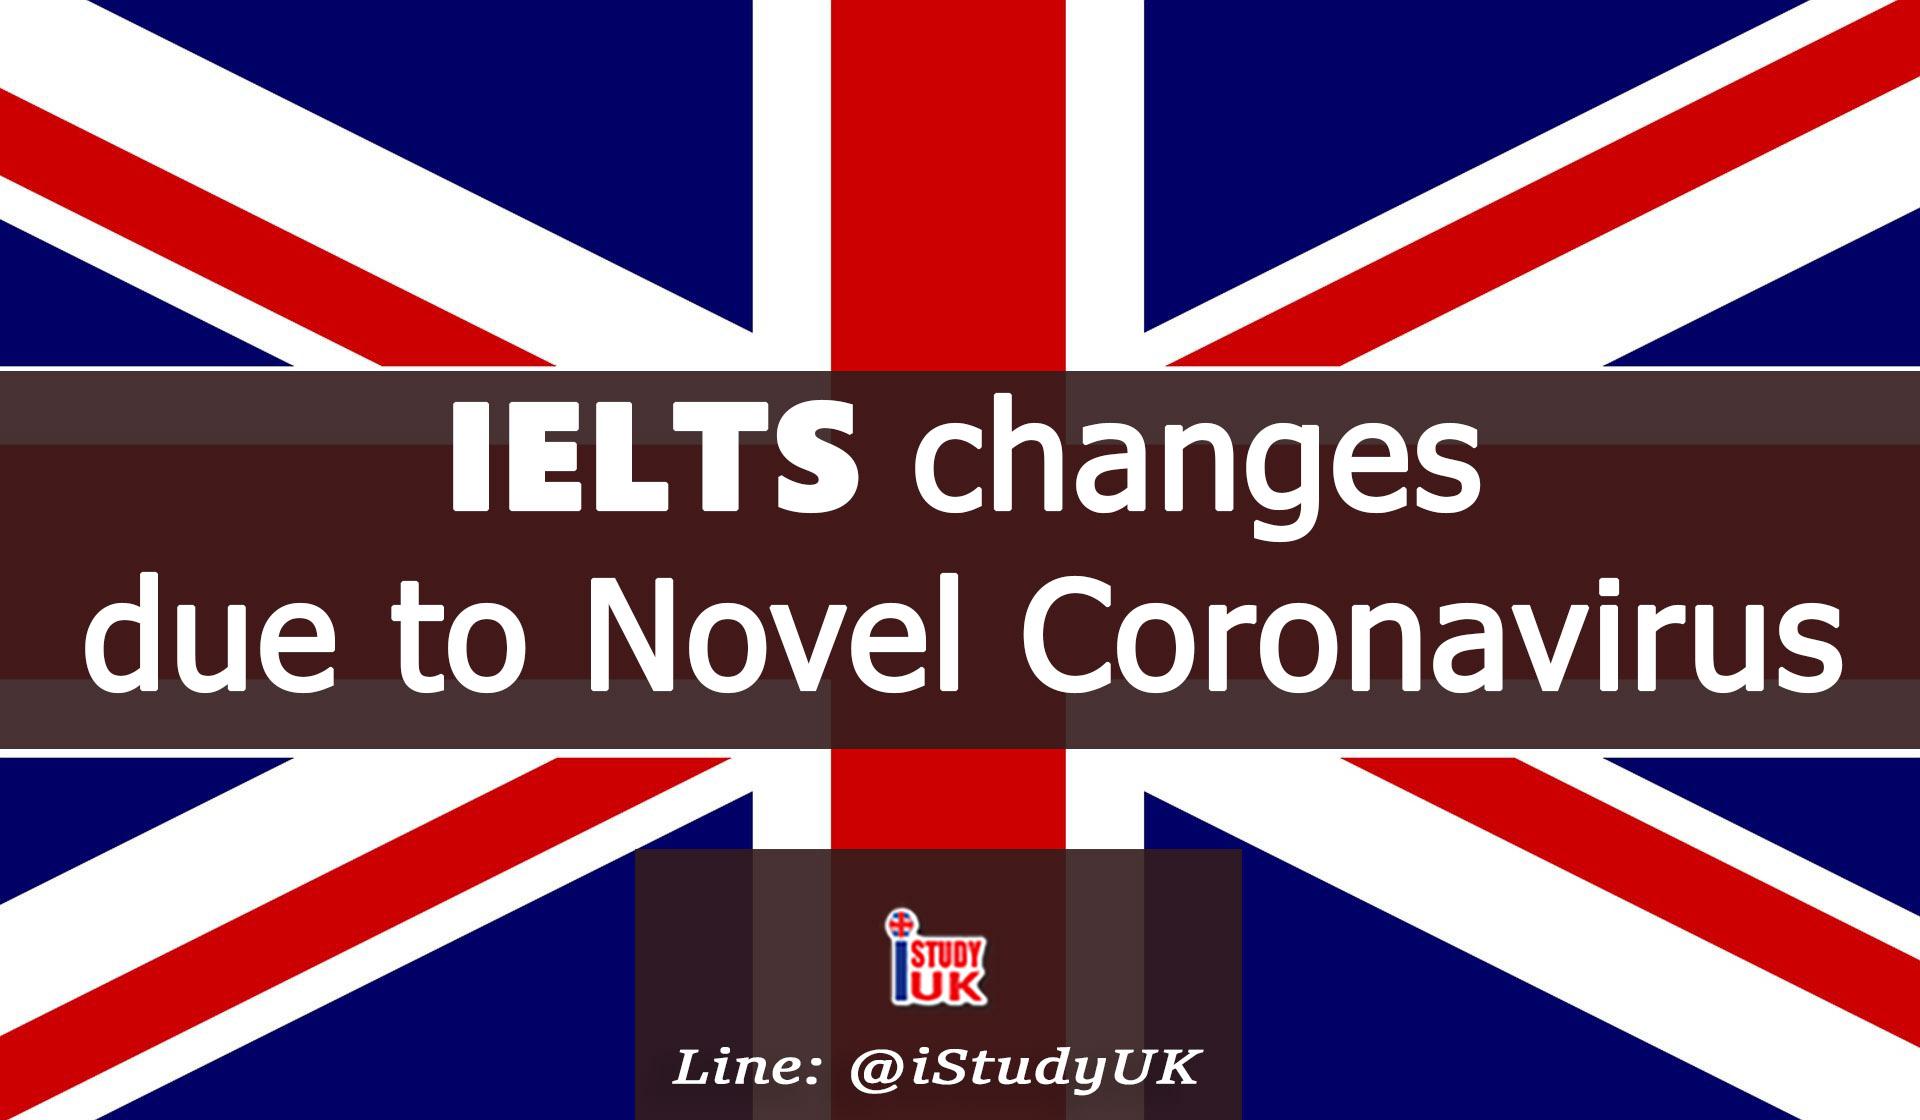 วันสอบ IELTS ในไทยยังไม่กระทบจากไวรัสโคโรน่า จีน ฮ่องกง มาเก๊า เลื่อนวันสอบไอเอิ้ล